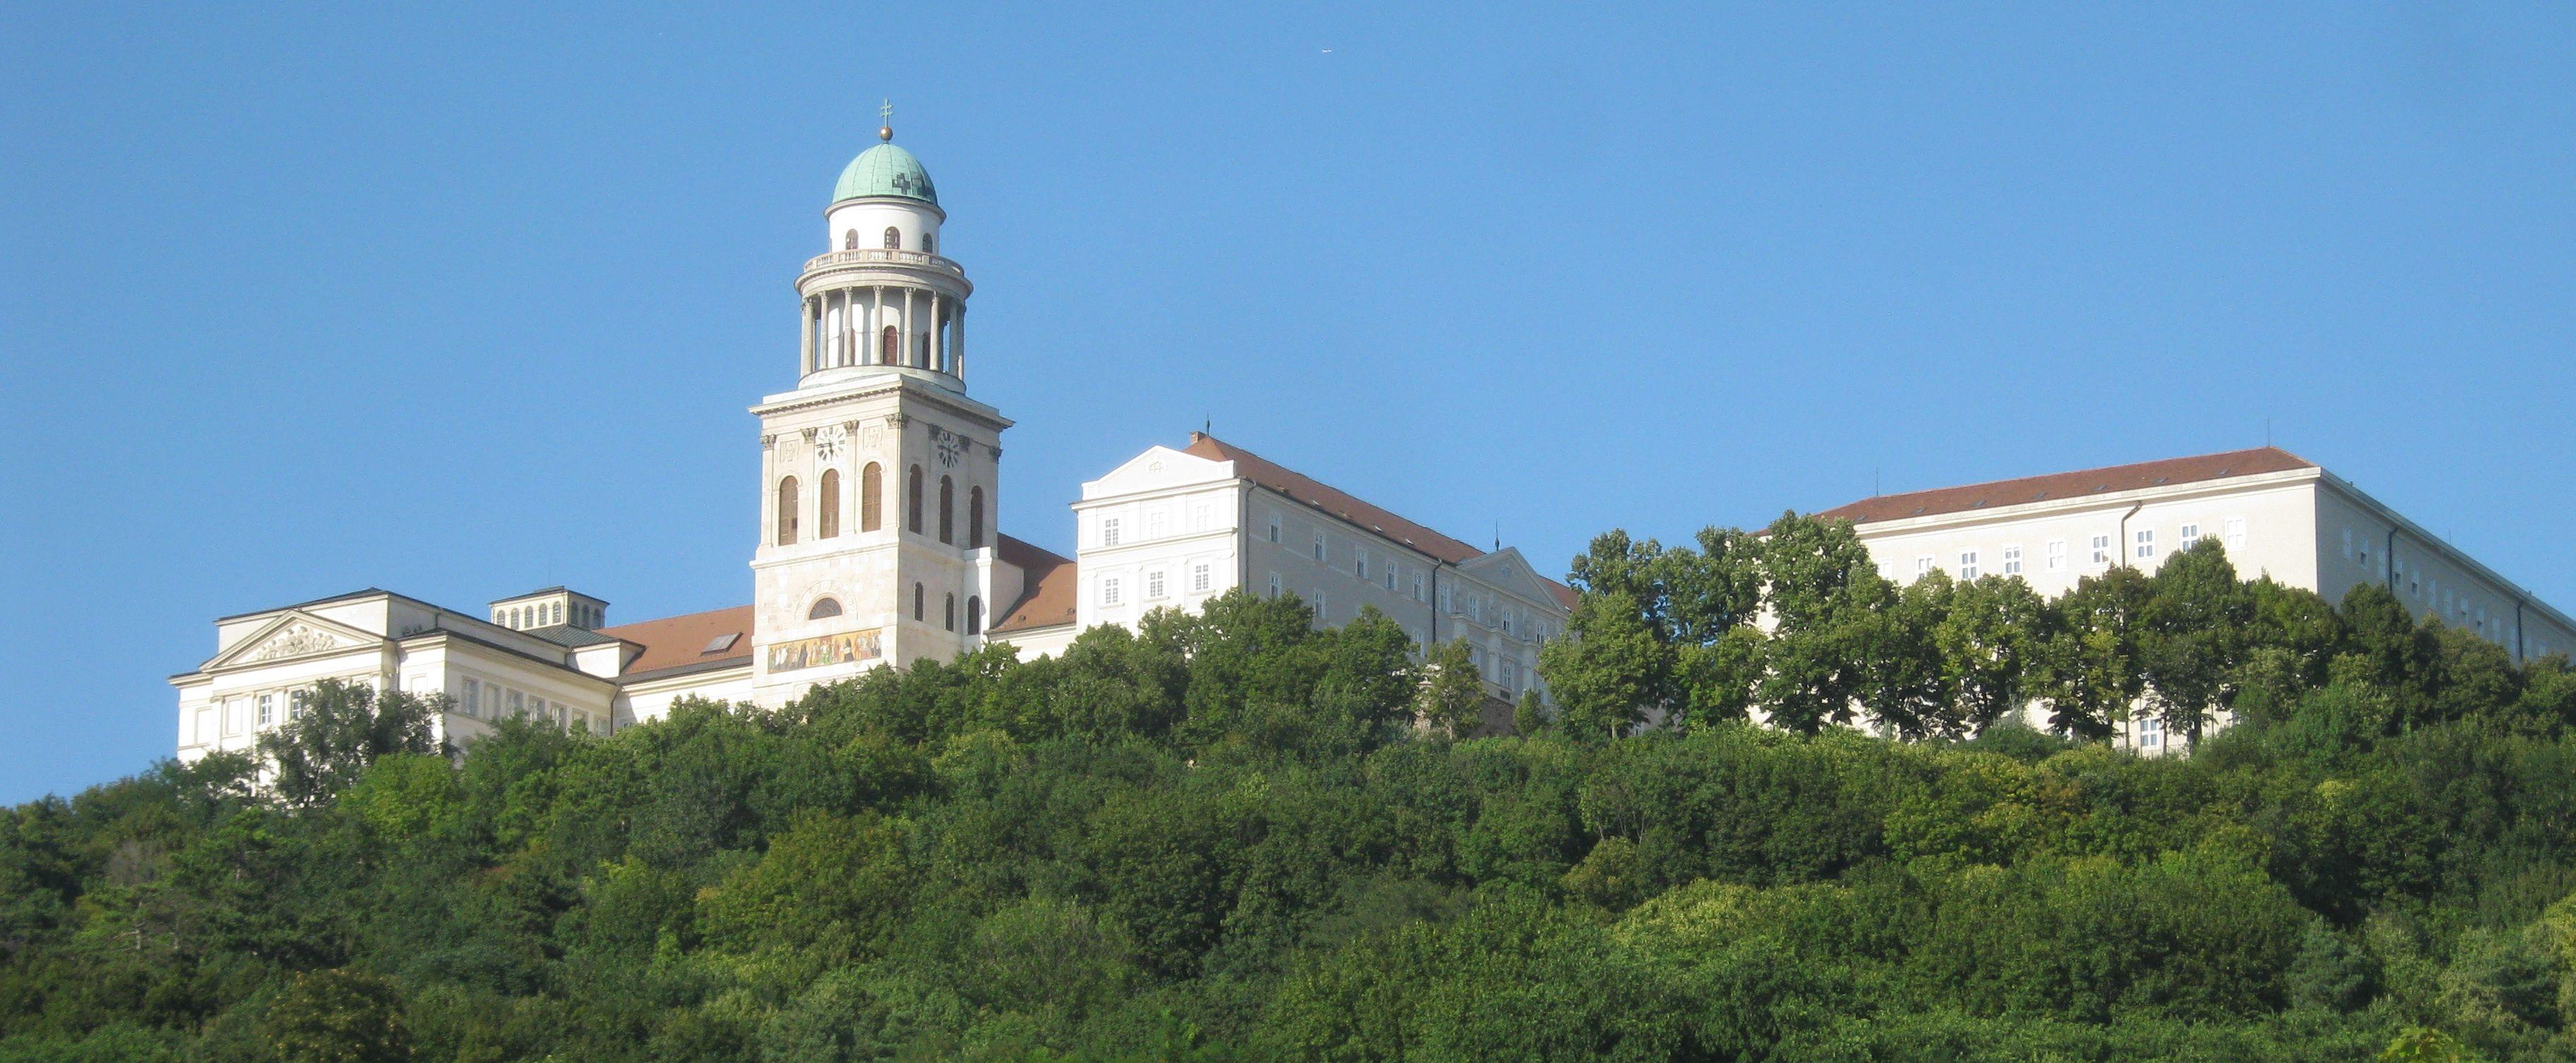 Die Erzabtei von Pannonhalma, aus dem Anlass der ungarischen Pilgerreise auf dem Hl. Martinsweg